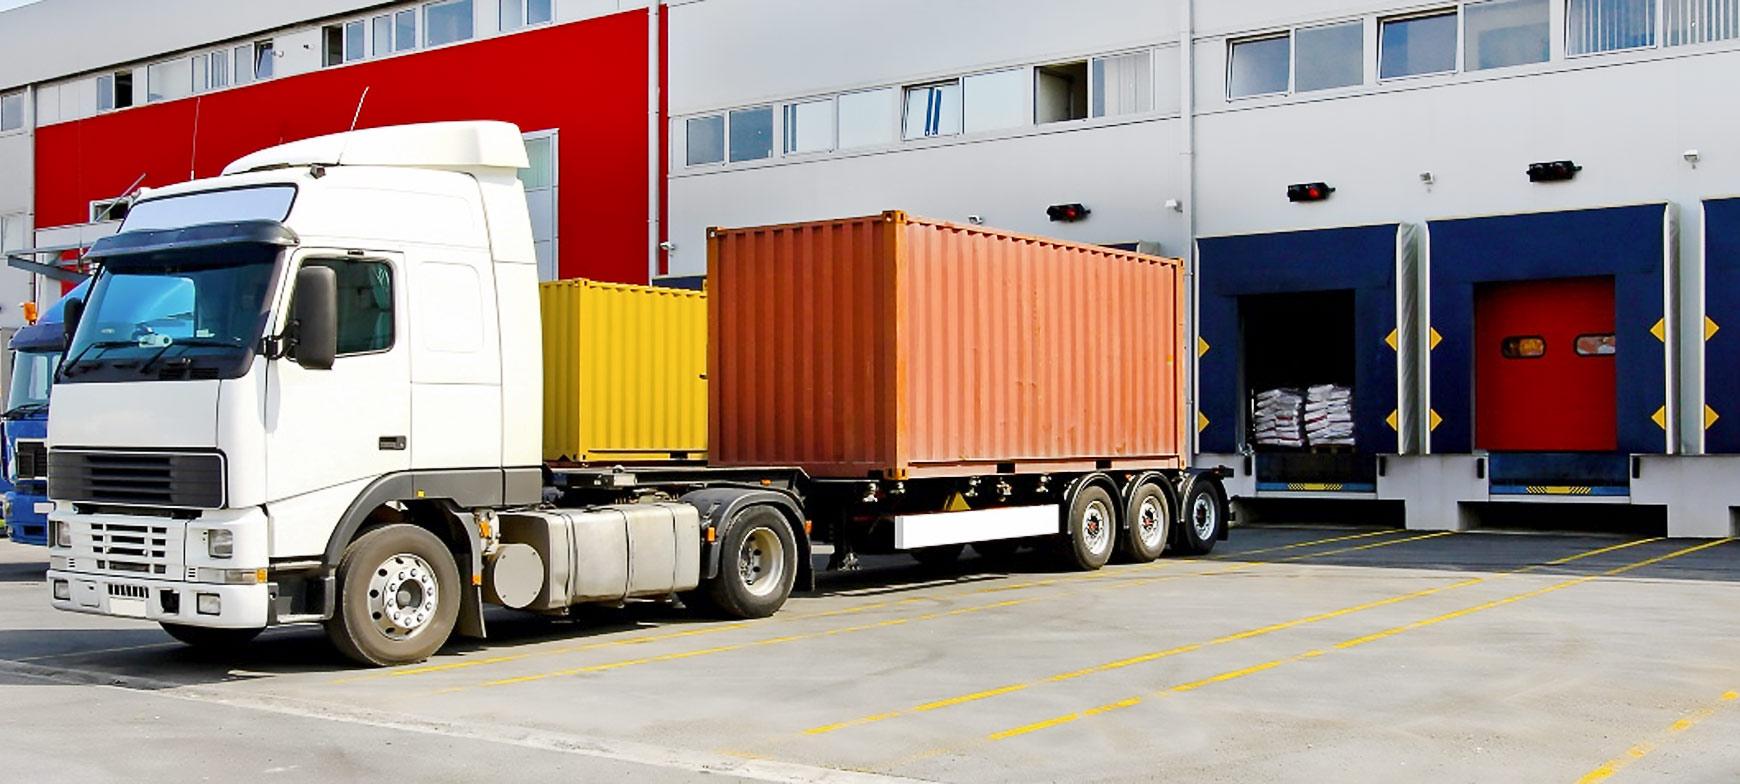 оценка грузового транспорта